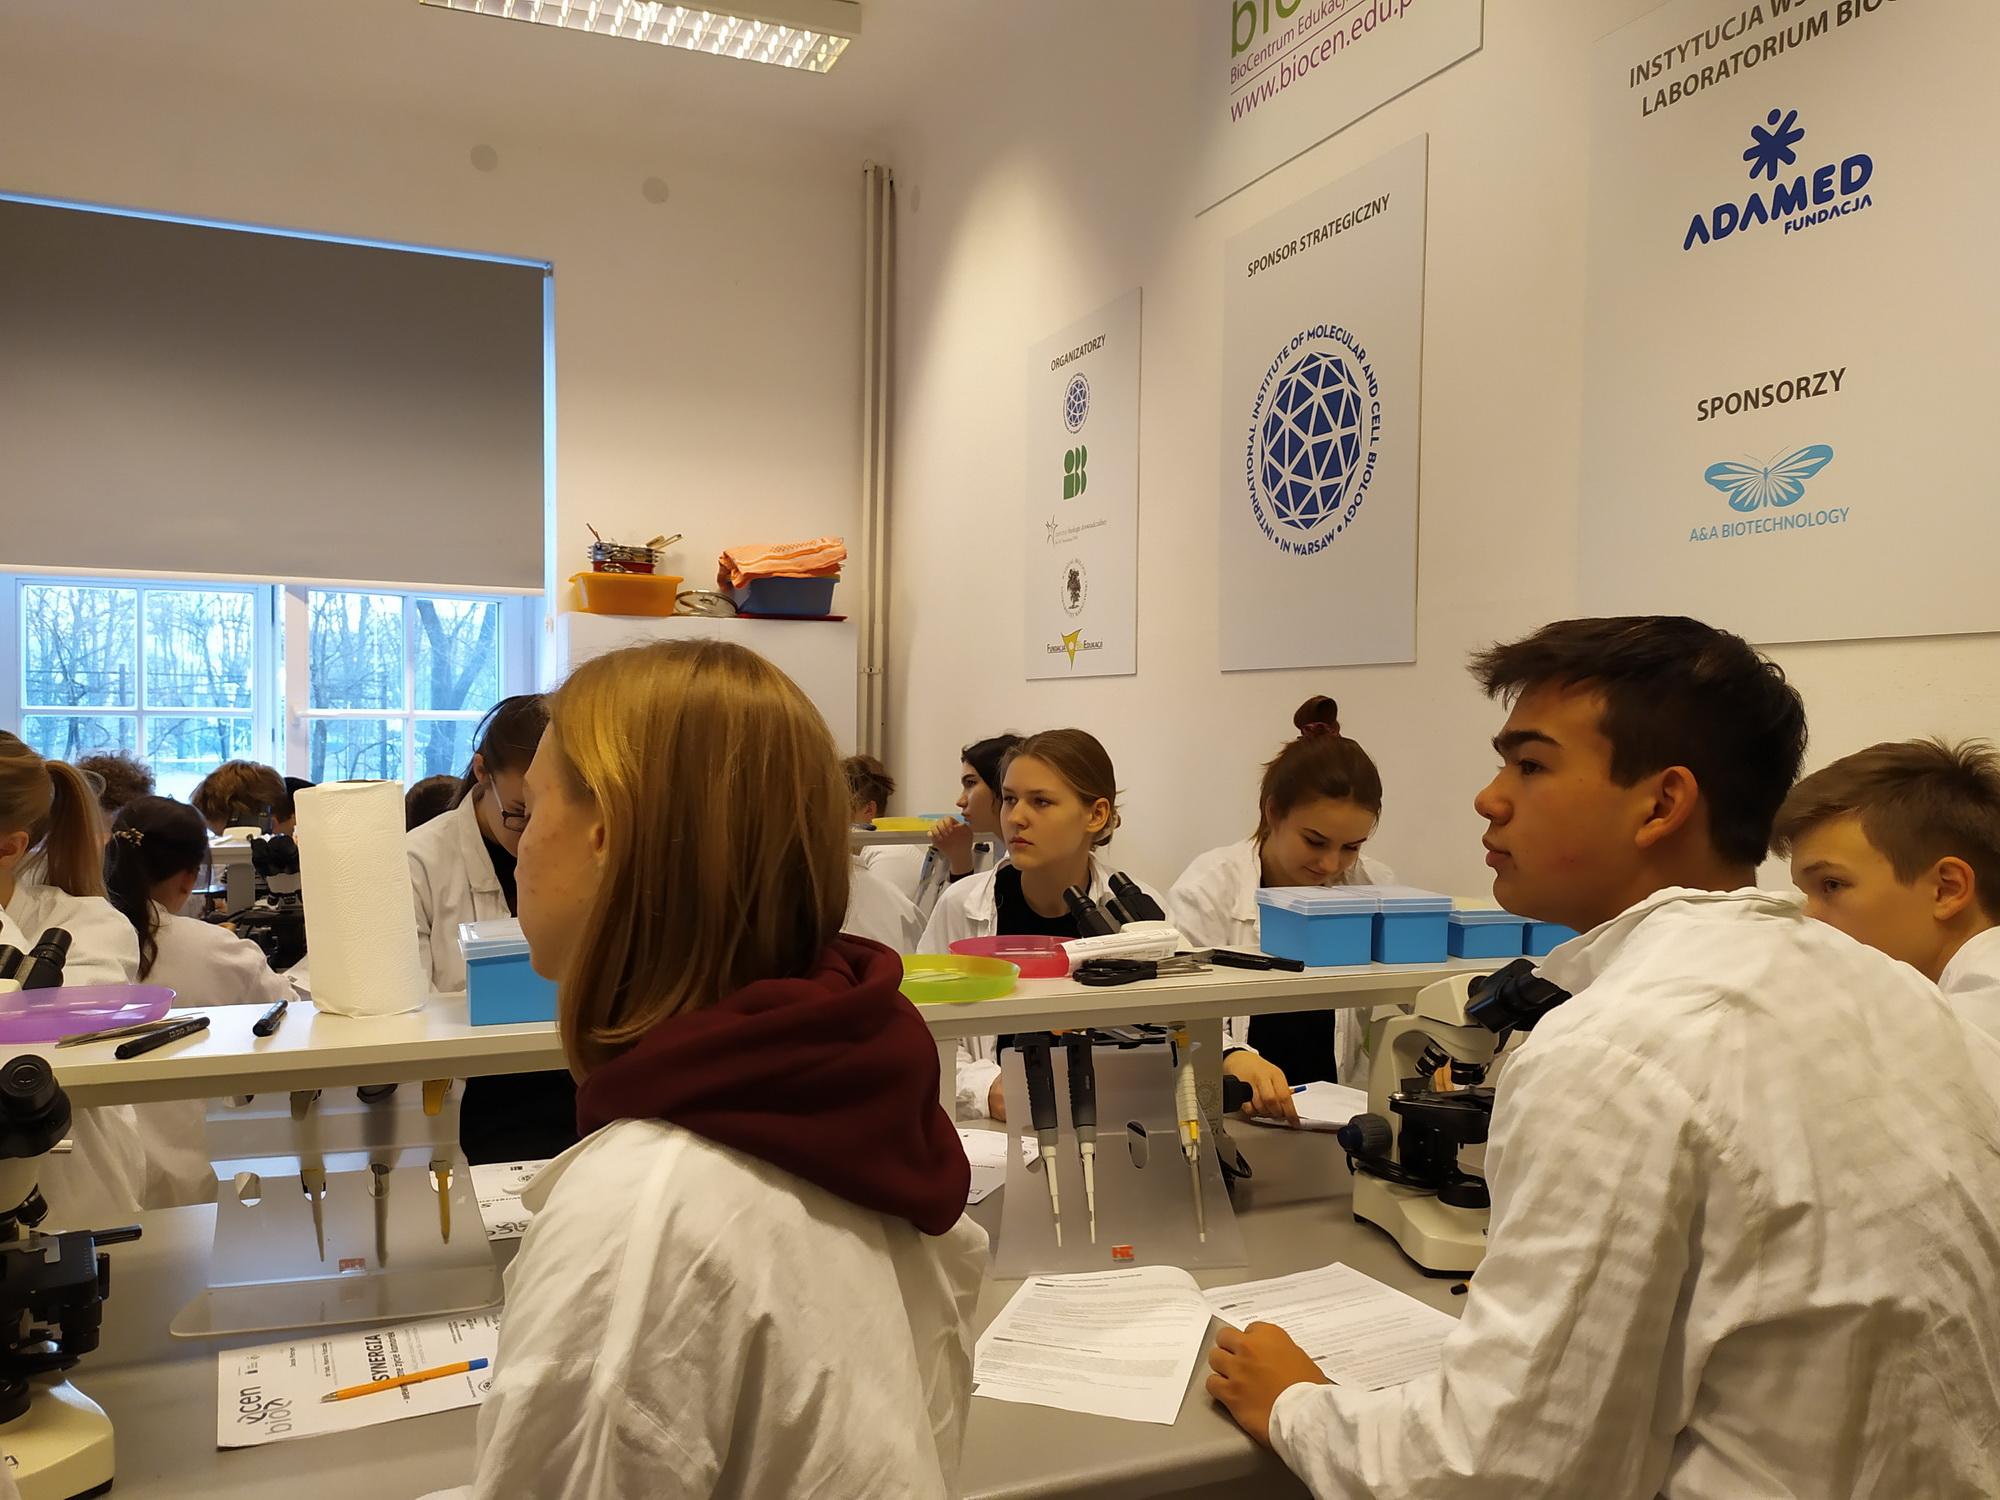 Uczniowie uczestniczą w warsztatach w Biocentrum Edukacji Naukowej